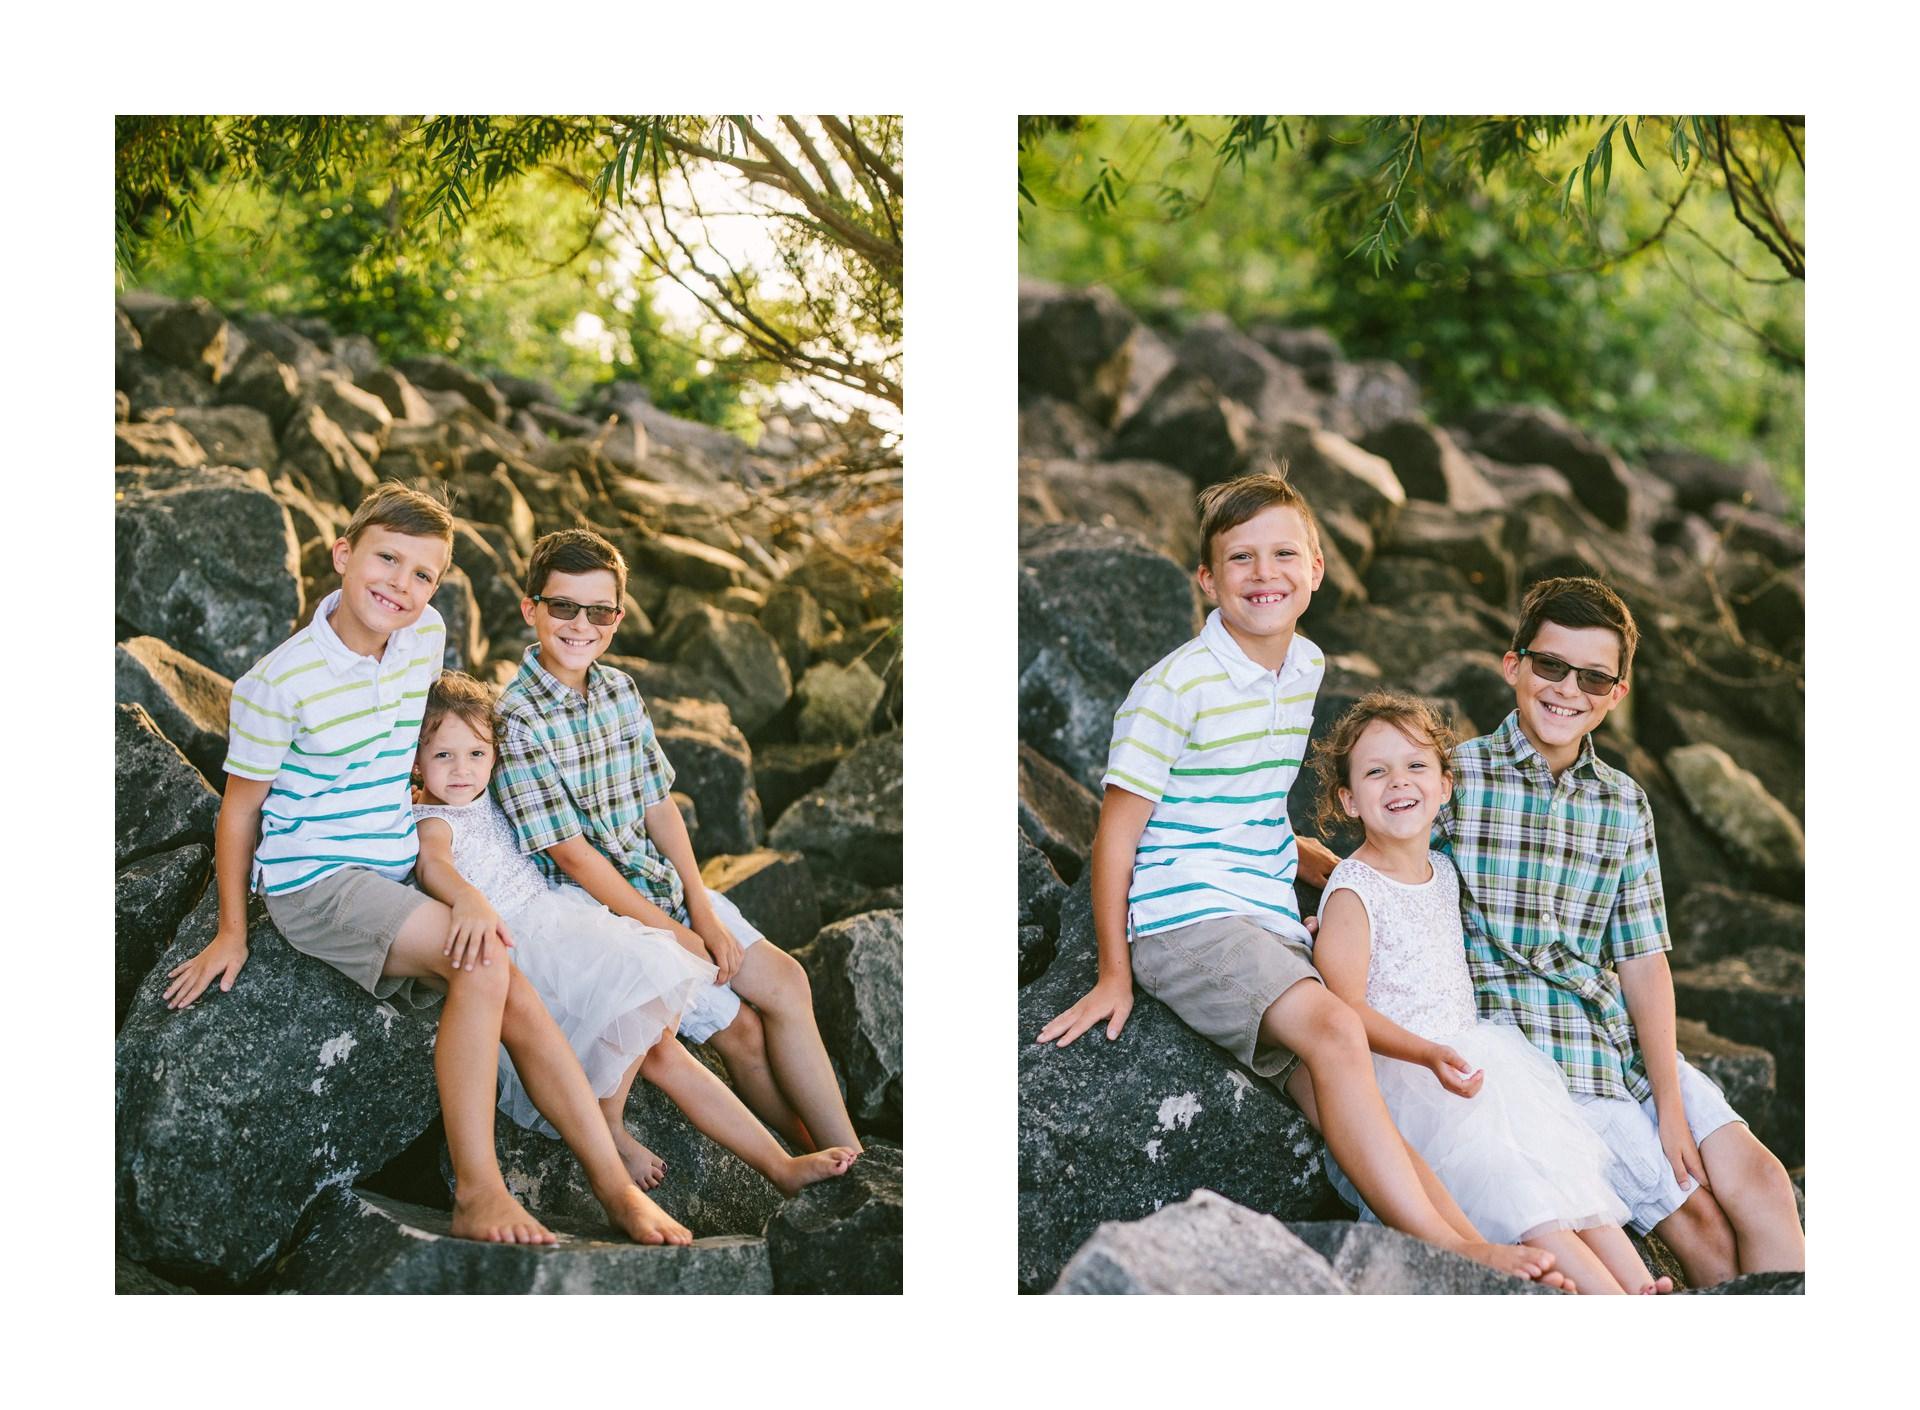 Lakewood Ohio Lifestyle Family Photographer 10.jpg